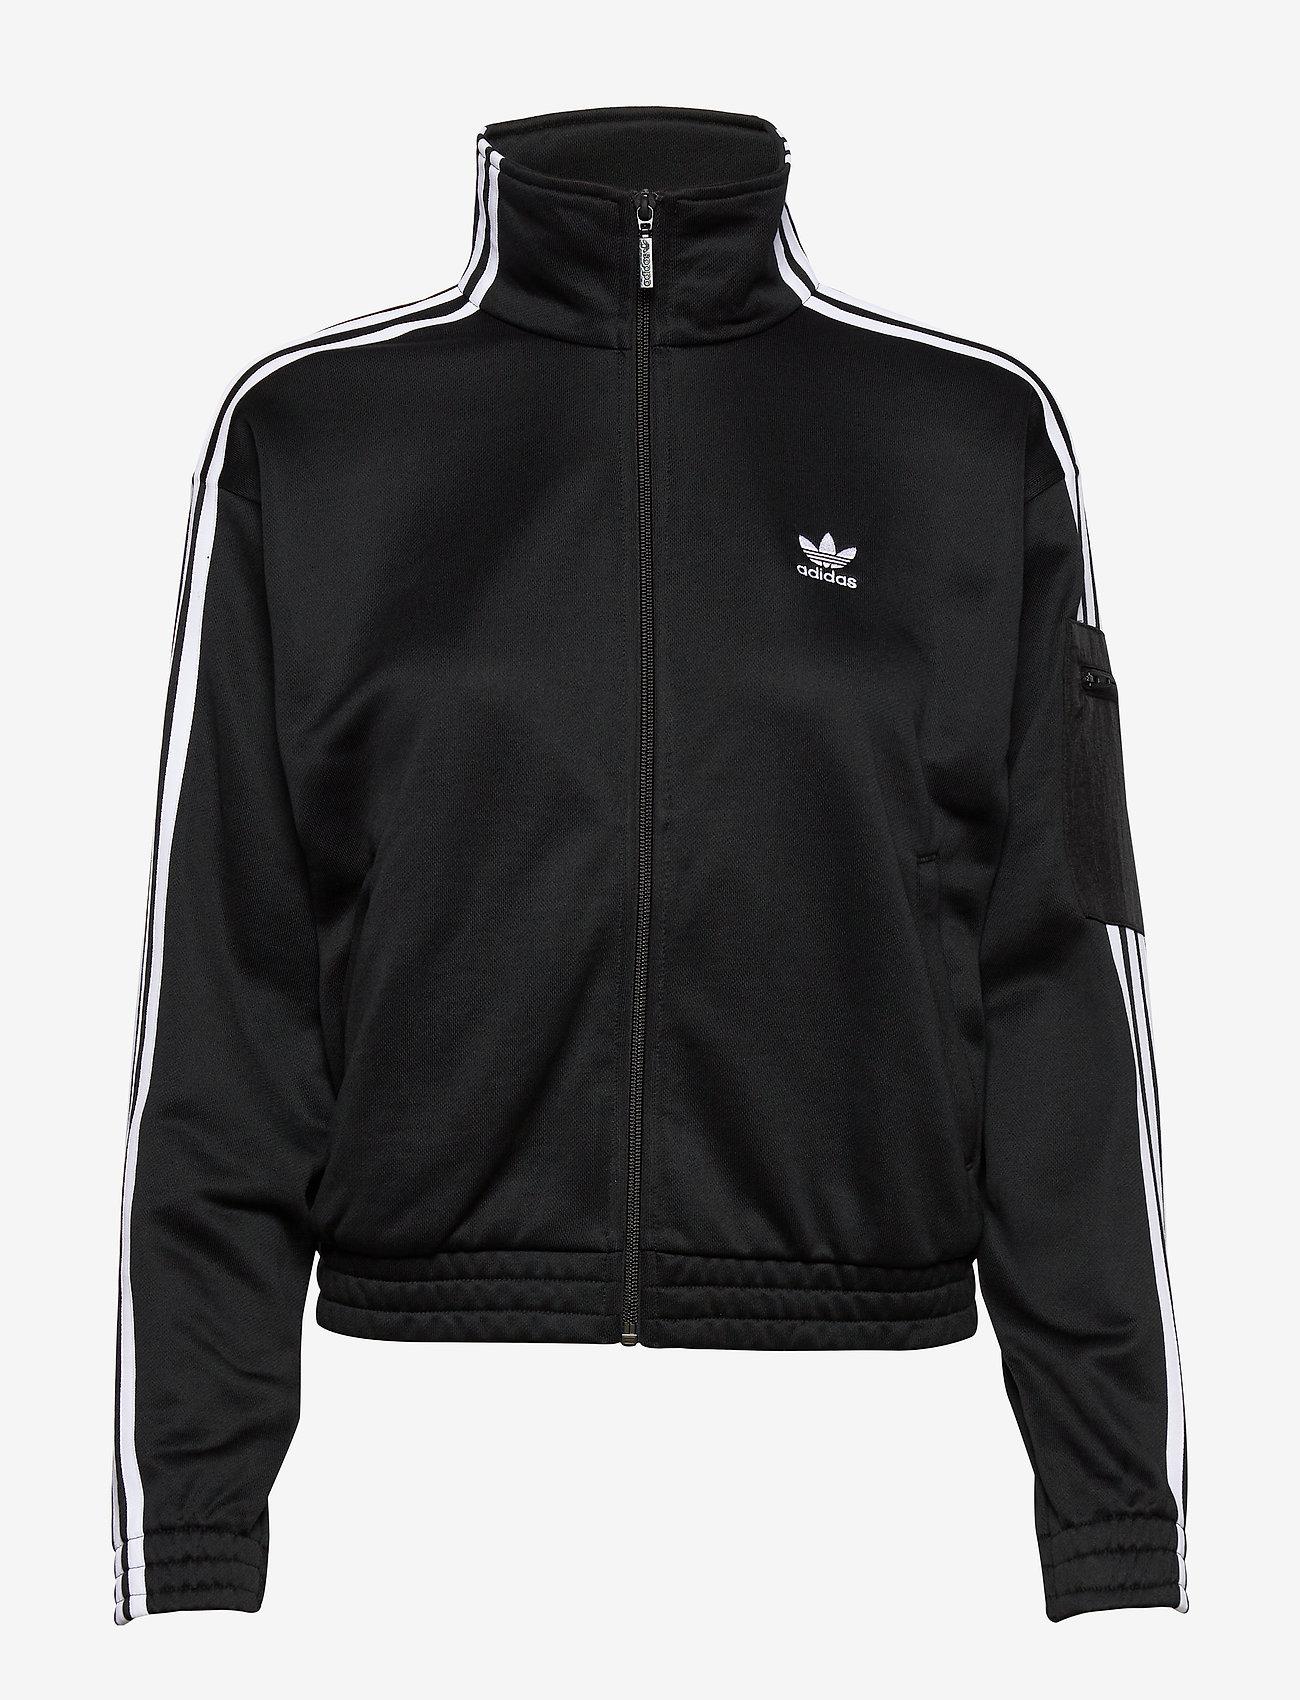 adidas Originals - TRACKTOP - svetarit - black - 0